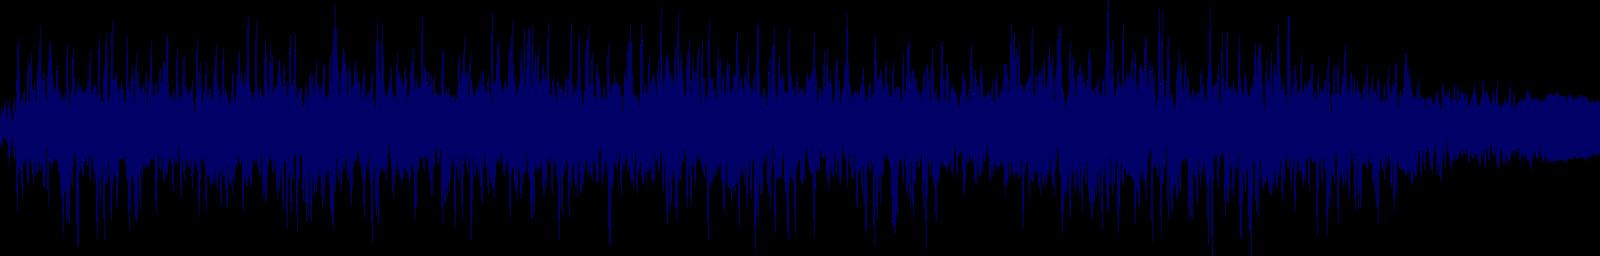 waveform of track #146623